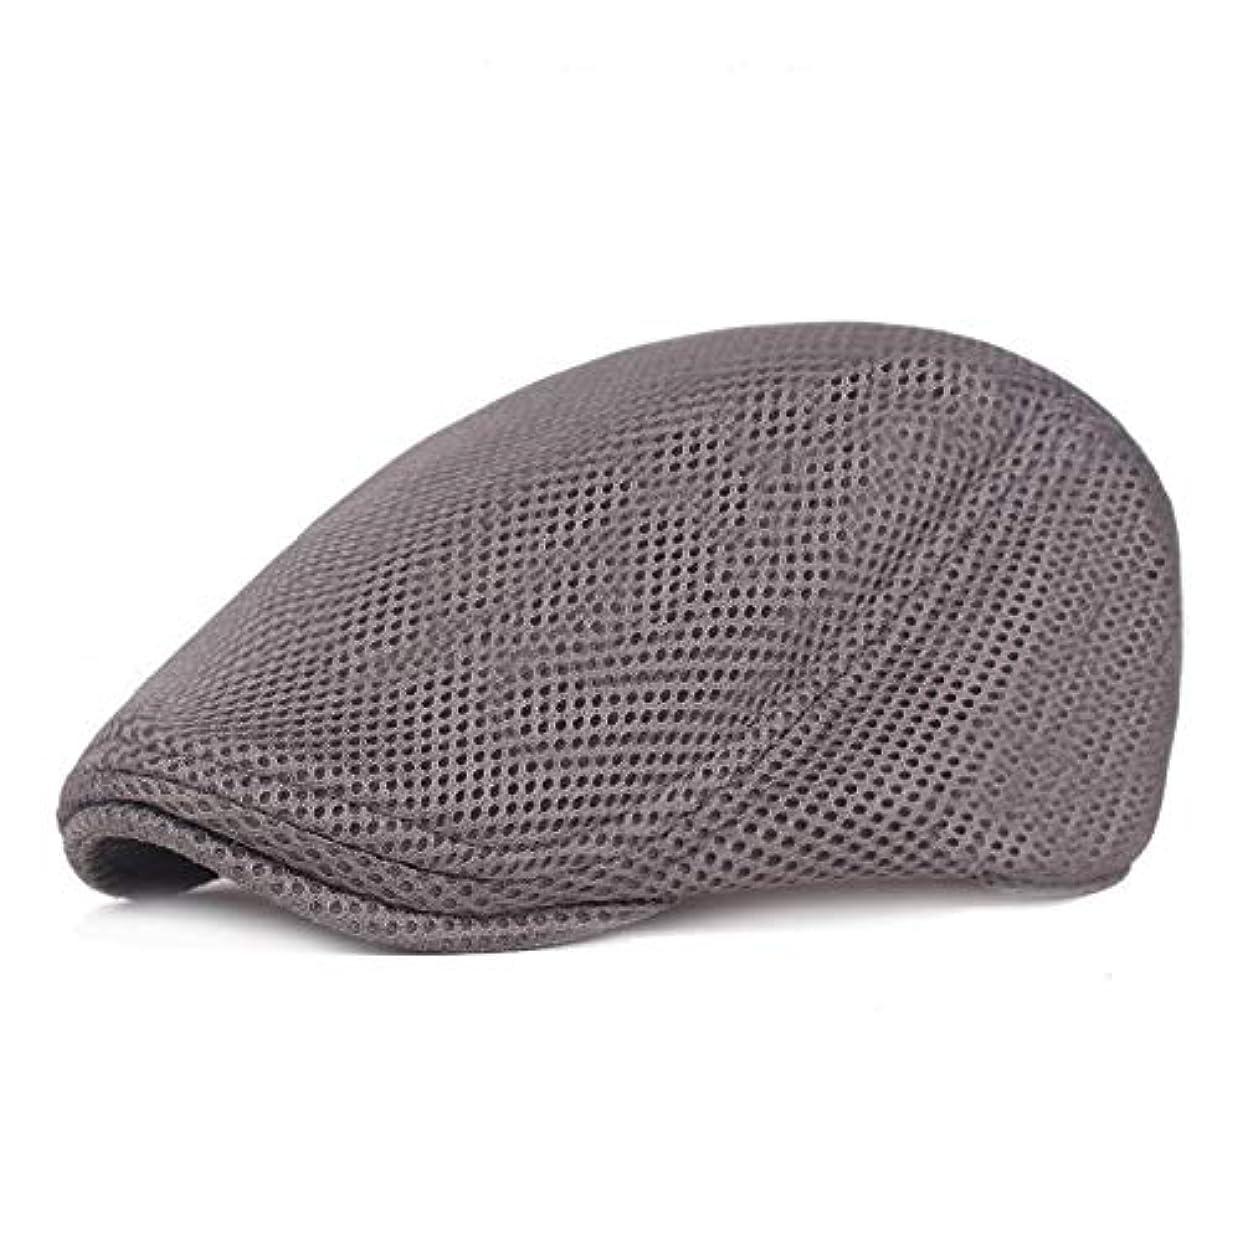 ホール急行する無能メッシュ ハンチング キャップ 夏用 綿 ベレー帽 調整可能ワークキャップ アウトドアキャップ 男女兼用